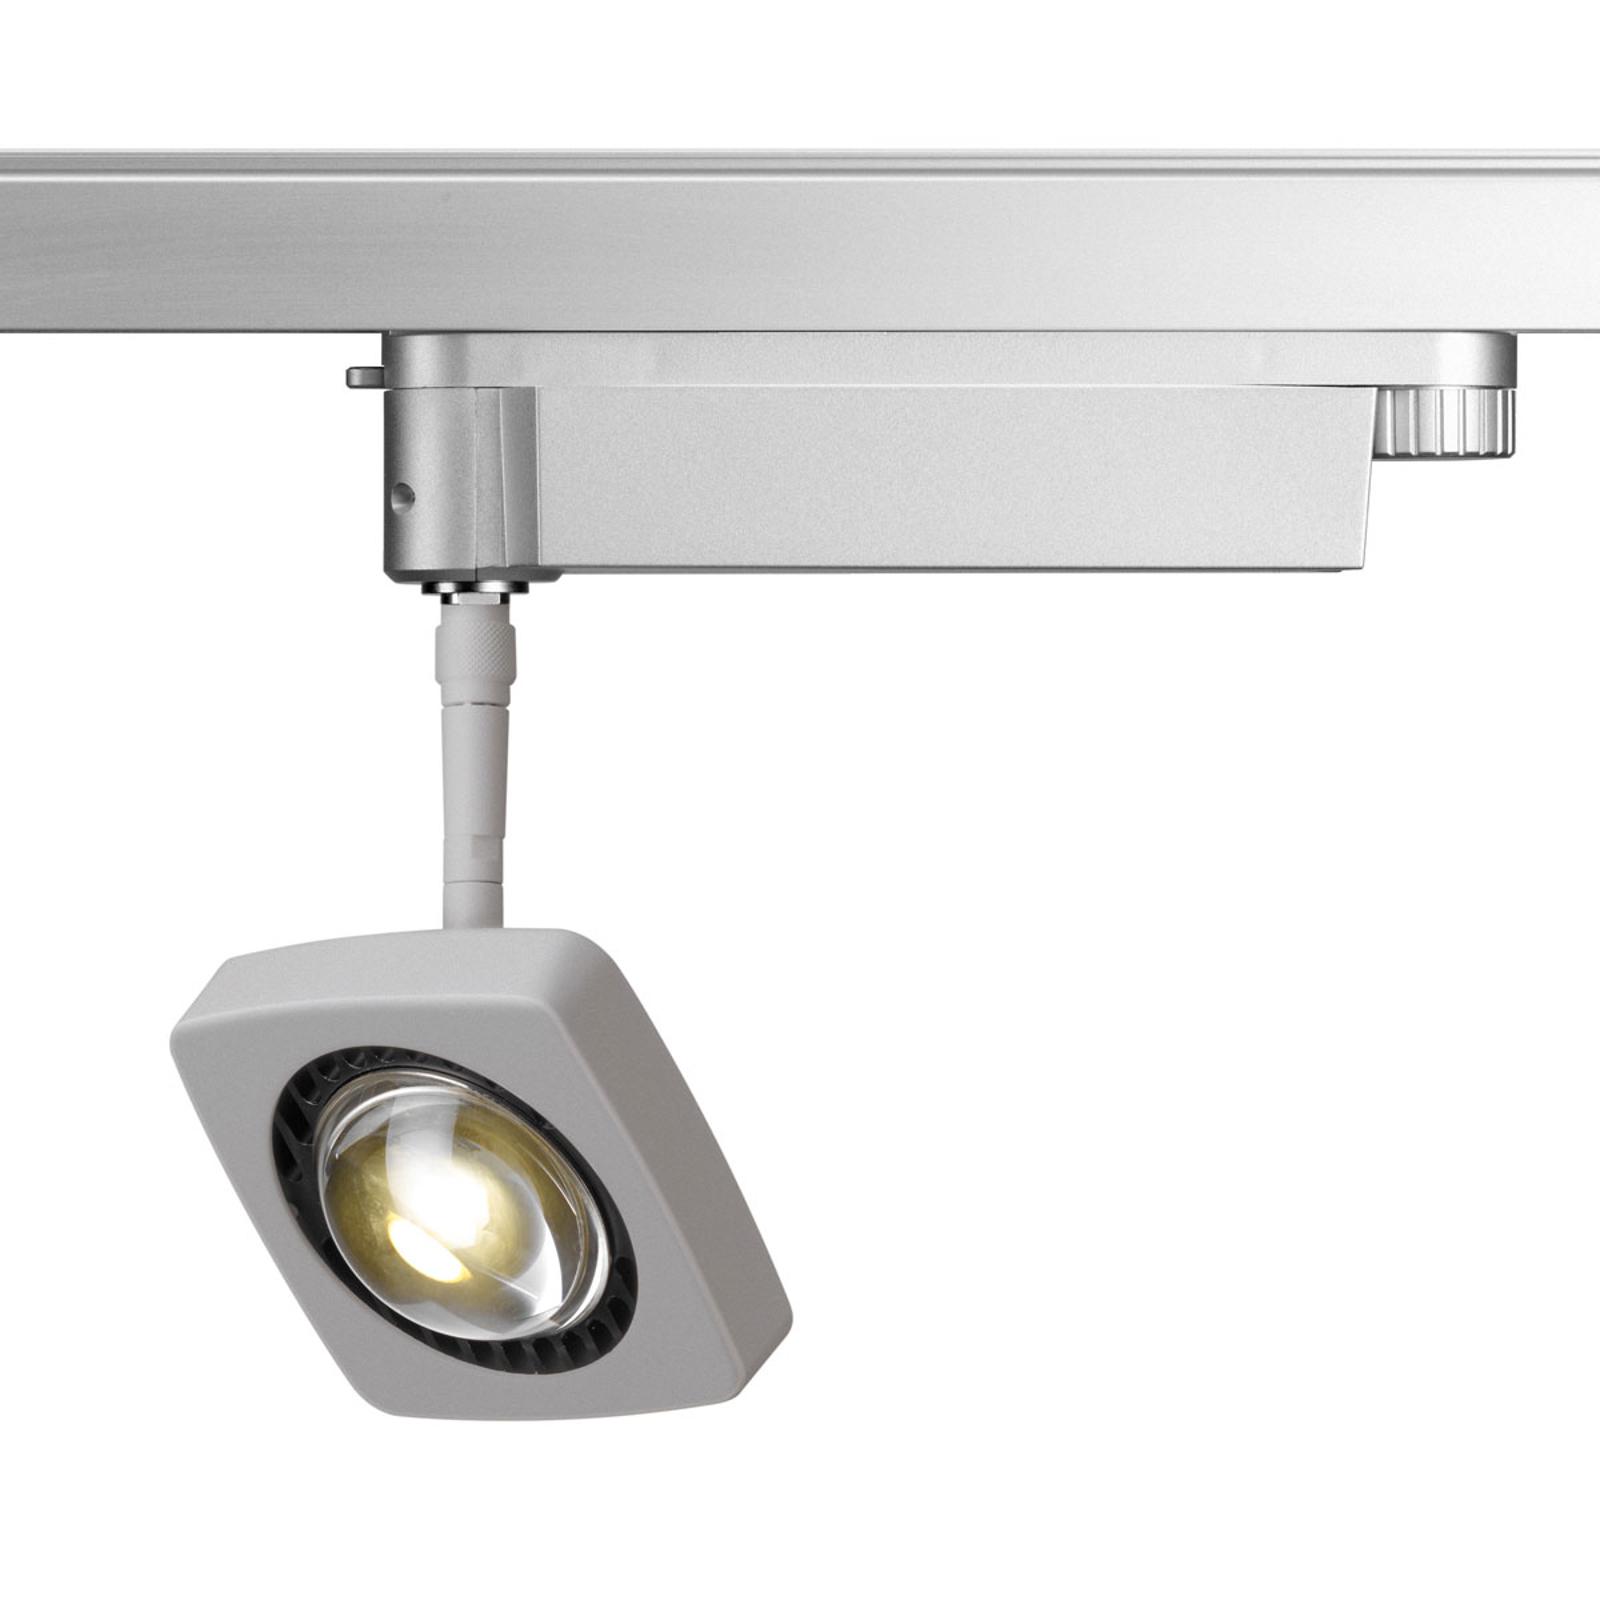 Oligo Kelveen LED-skinnespot varmhvit 40° krom